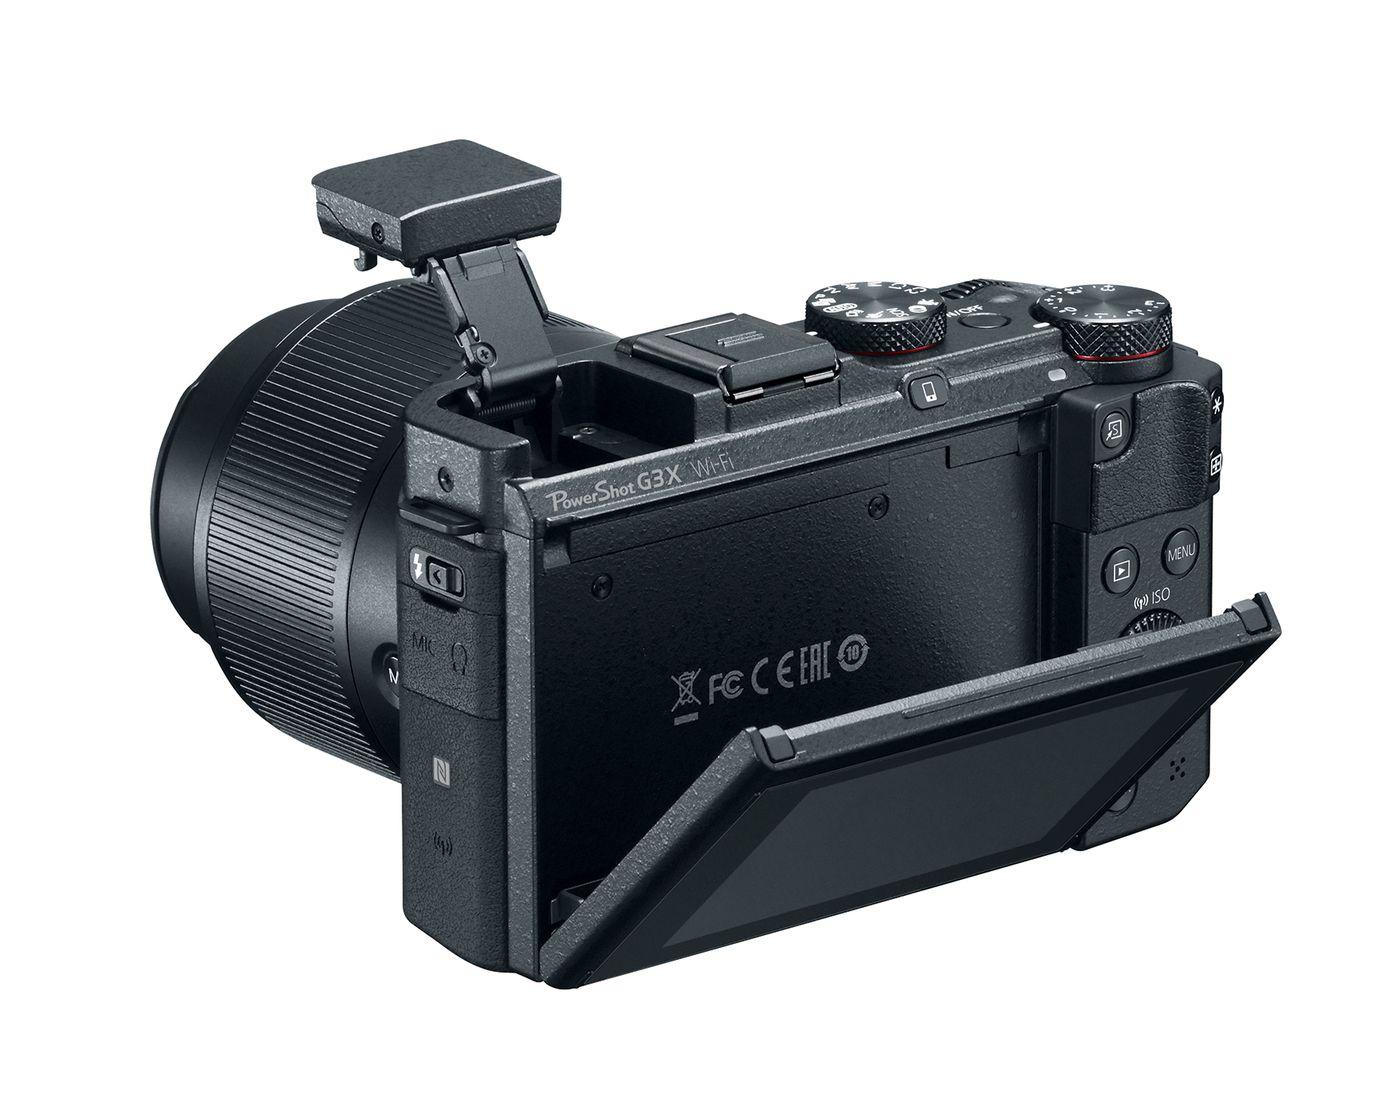 canon-powershot-g3-x-180615-2